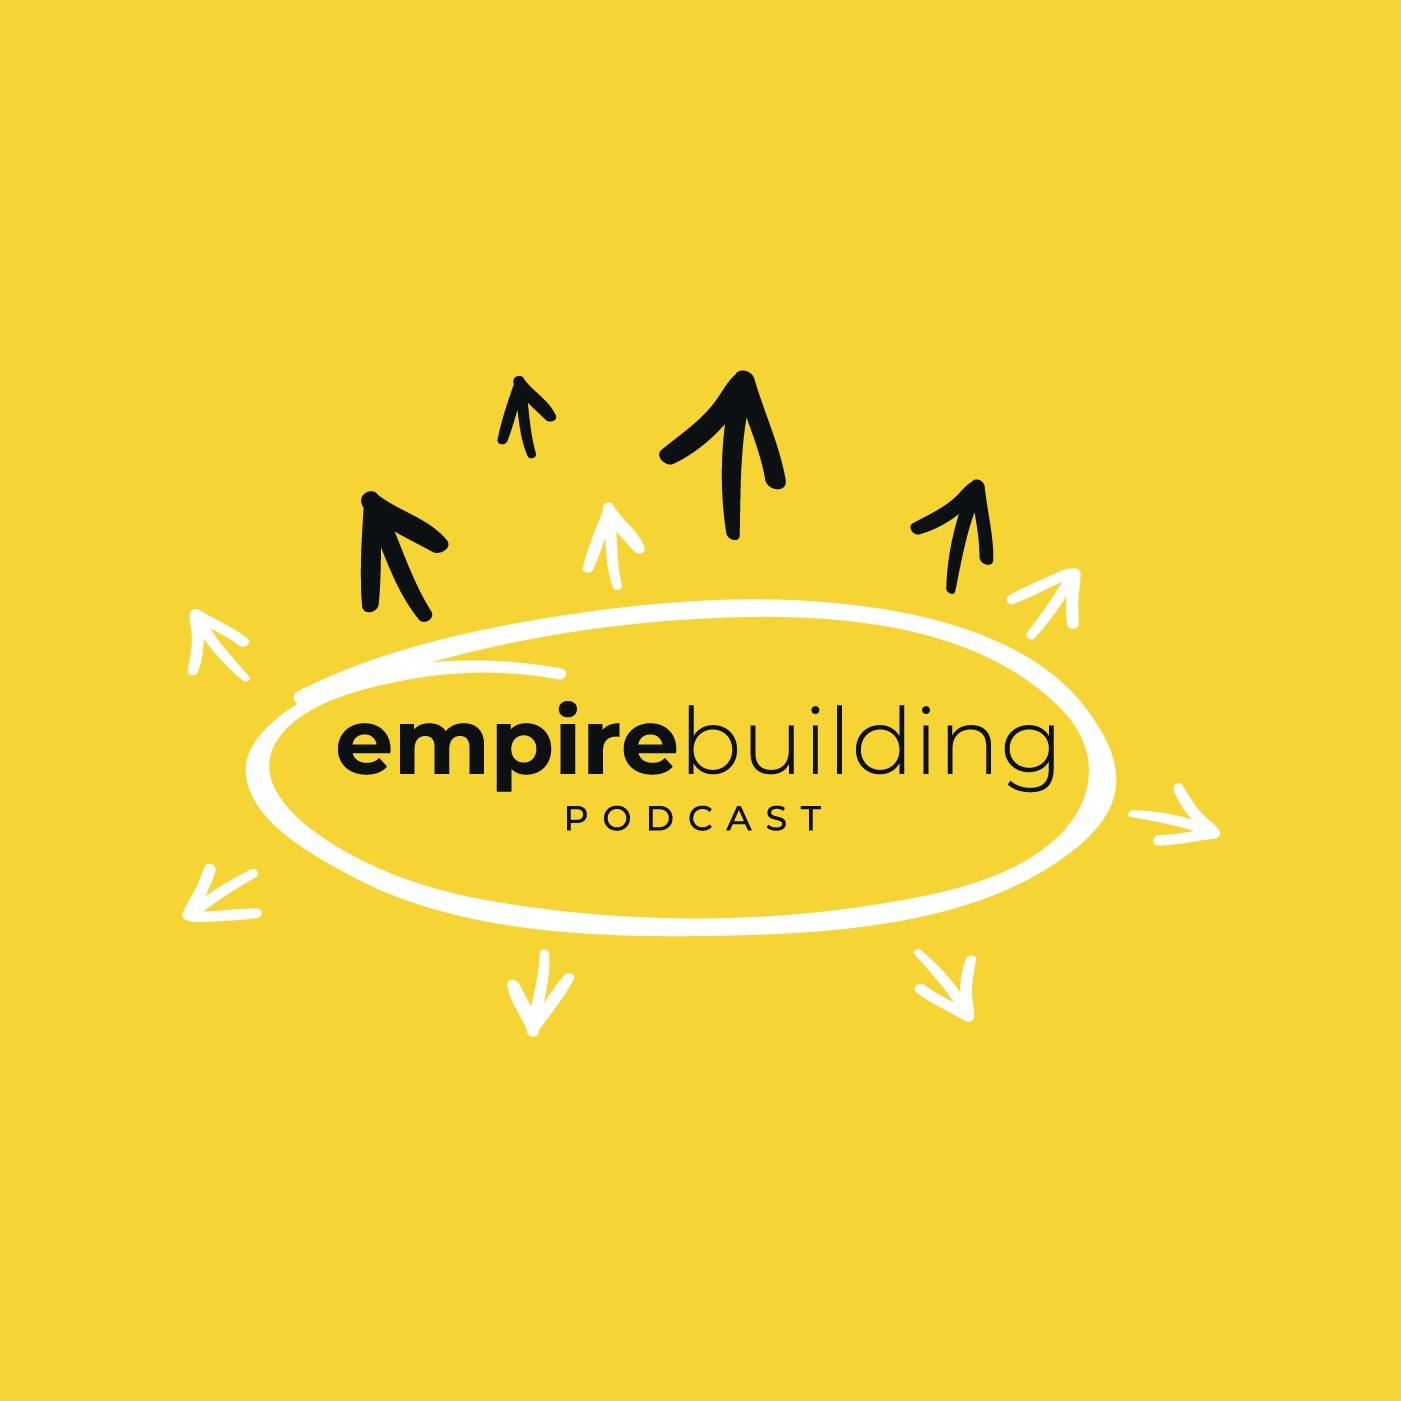 Artwork for podcast Empire Building